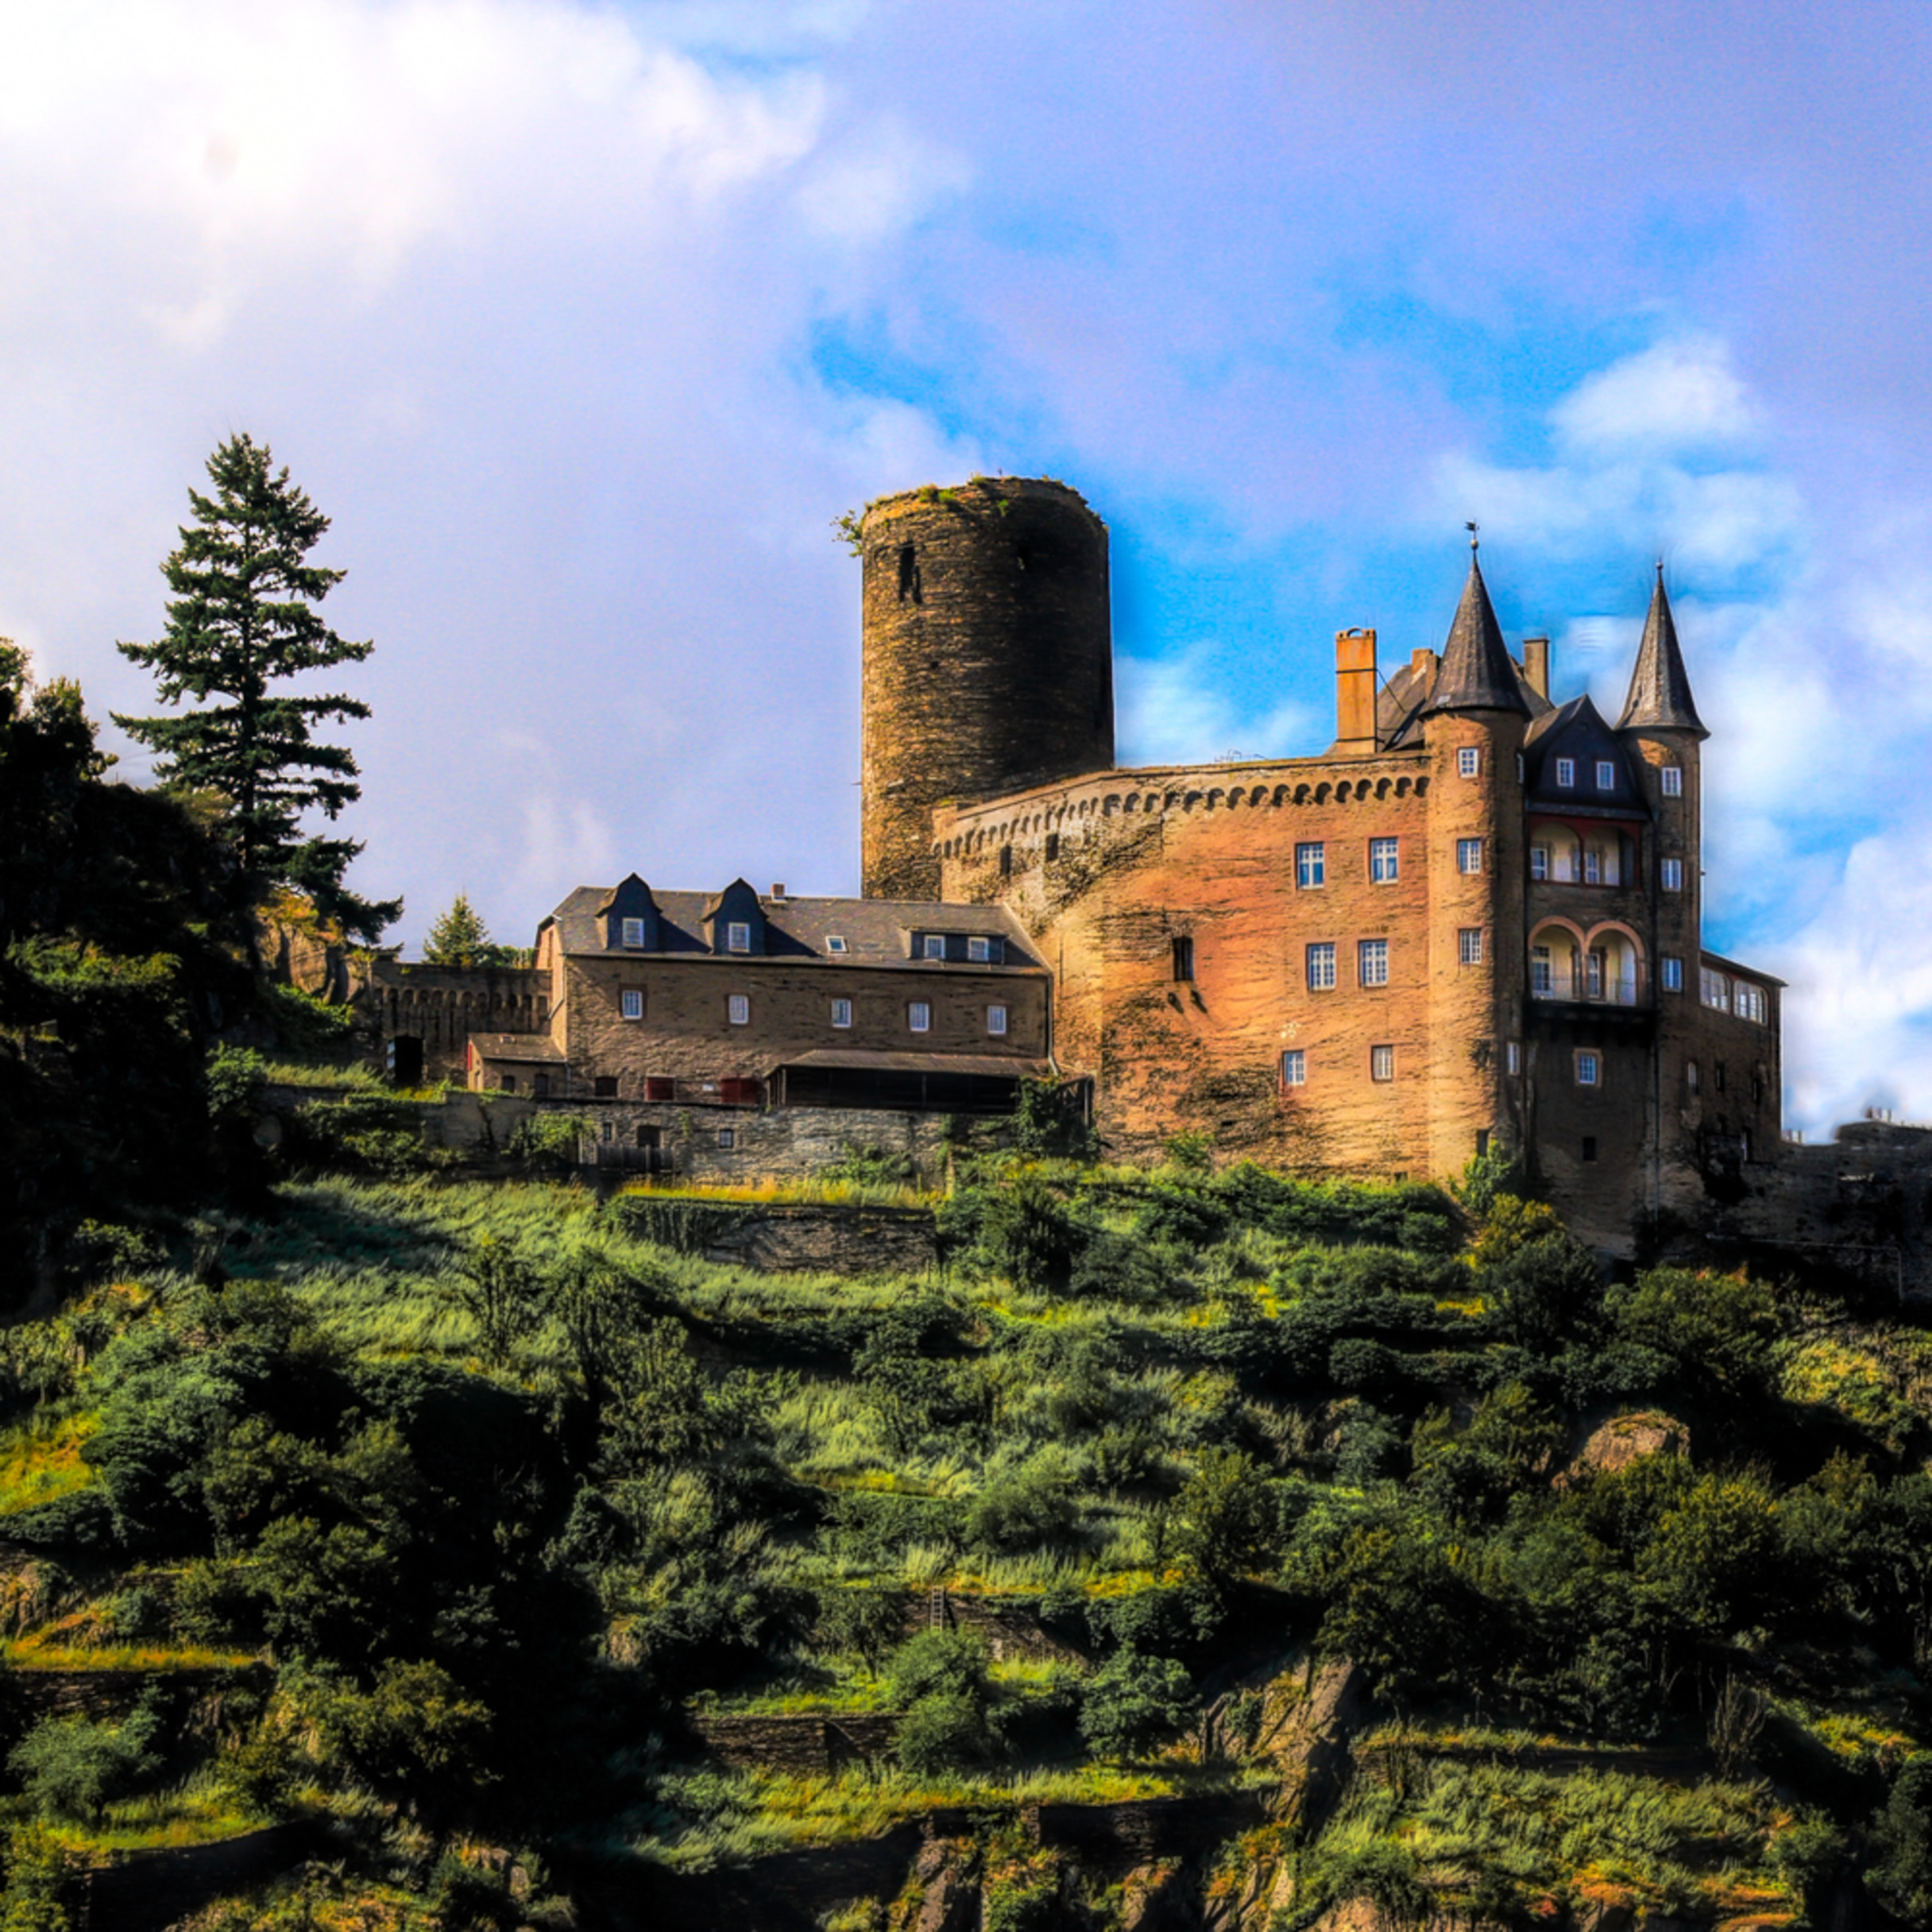 Castles 9979 6 wdf0ea